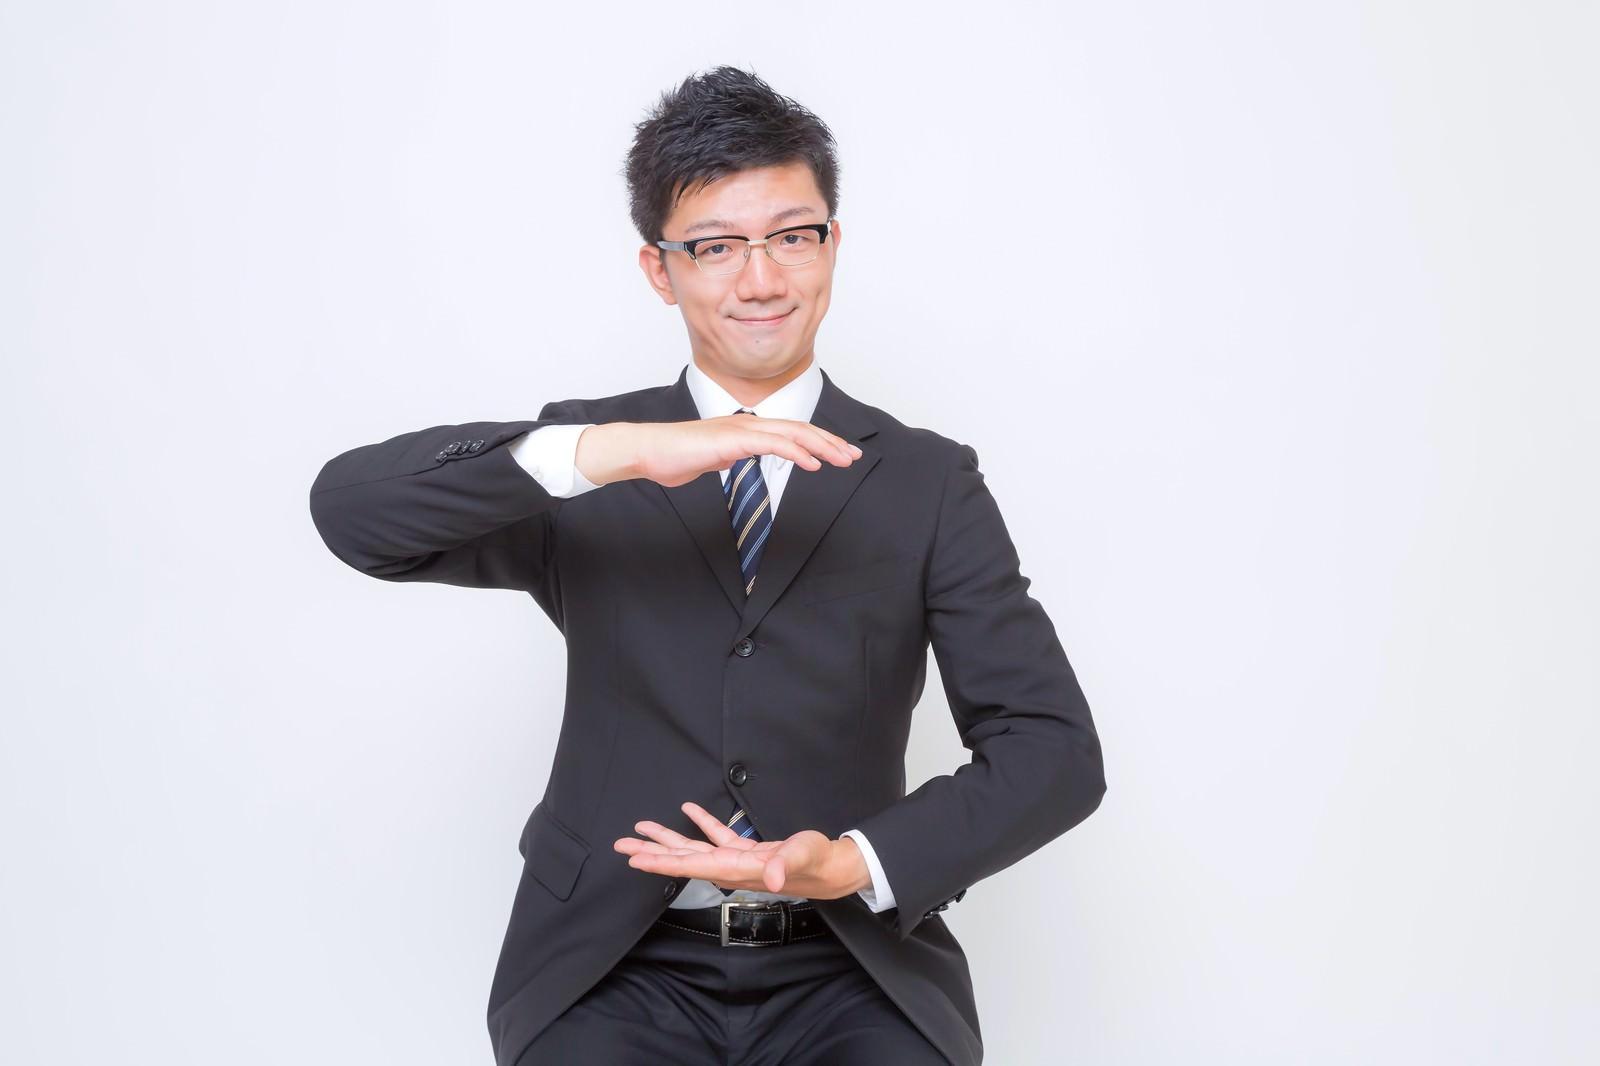 「空間を提案するビジネスマン空間を提案するビジネスマン」[モデル:OZPA]のフリー写真素材を拡大